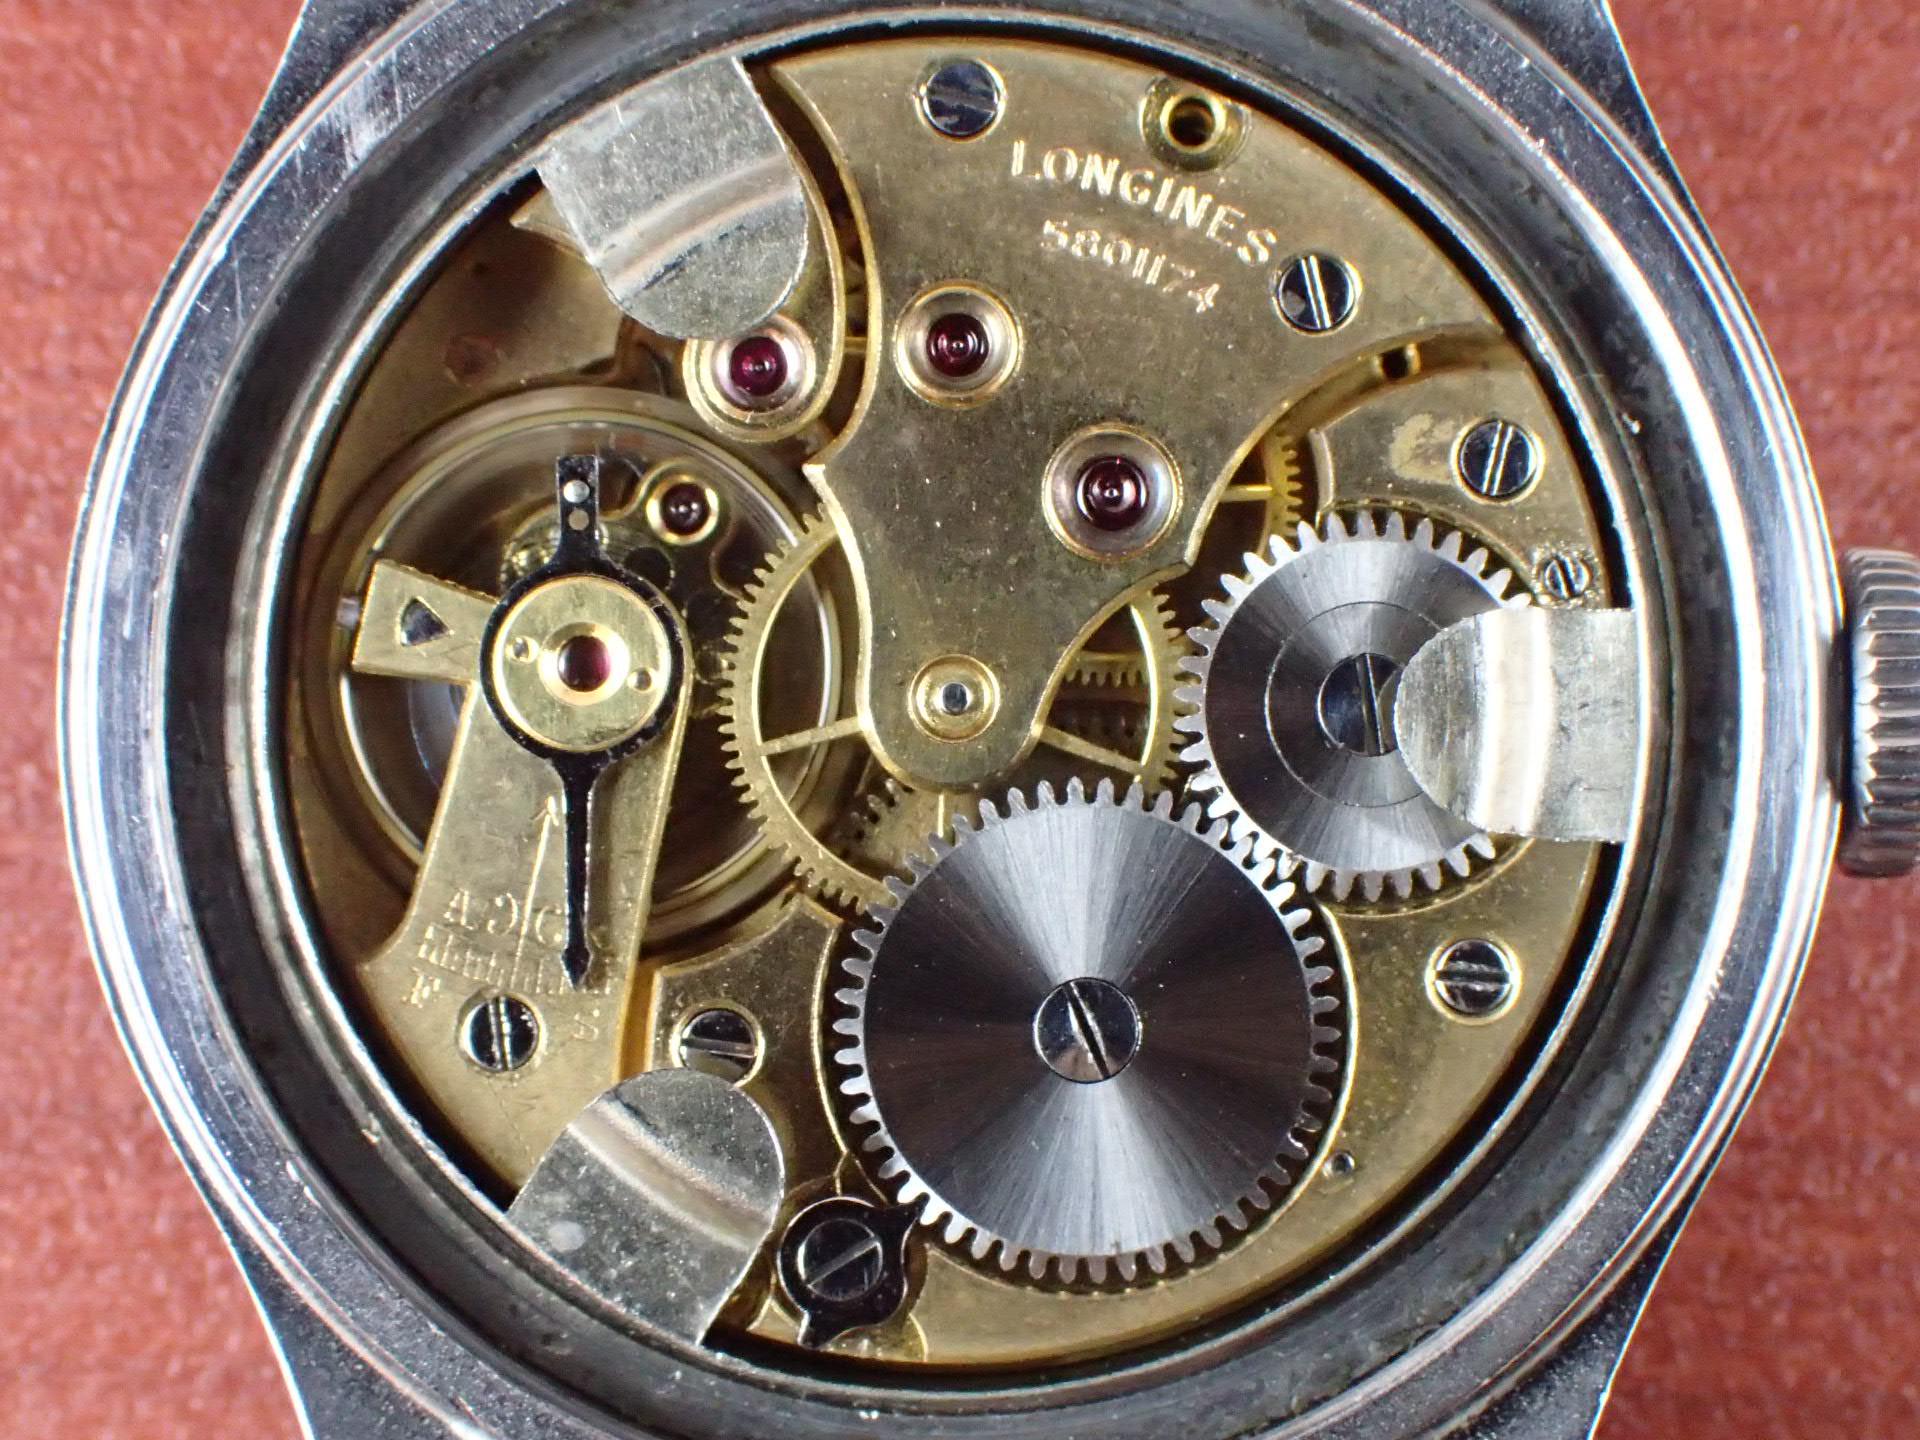 ロンジン ワイドステップベゼル 35mm トレタケ セクターダイアル 1930年代の写真5枚目